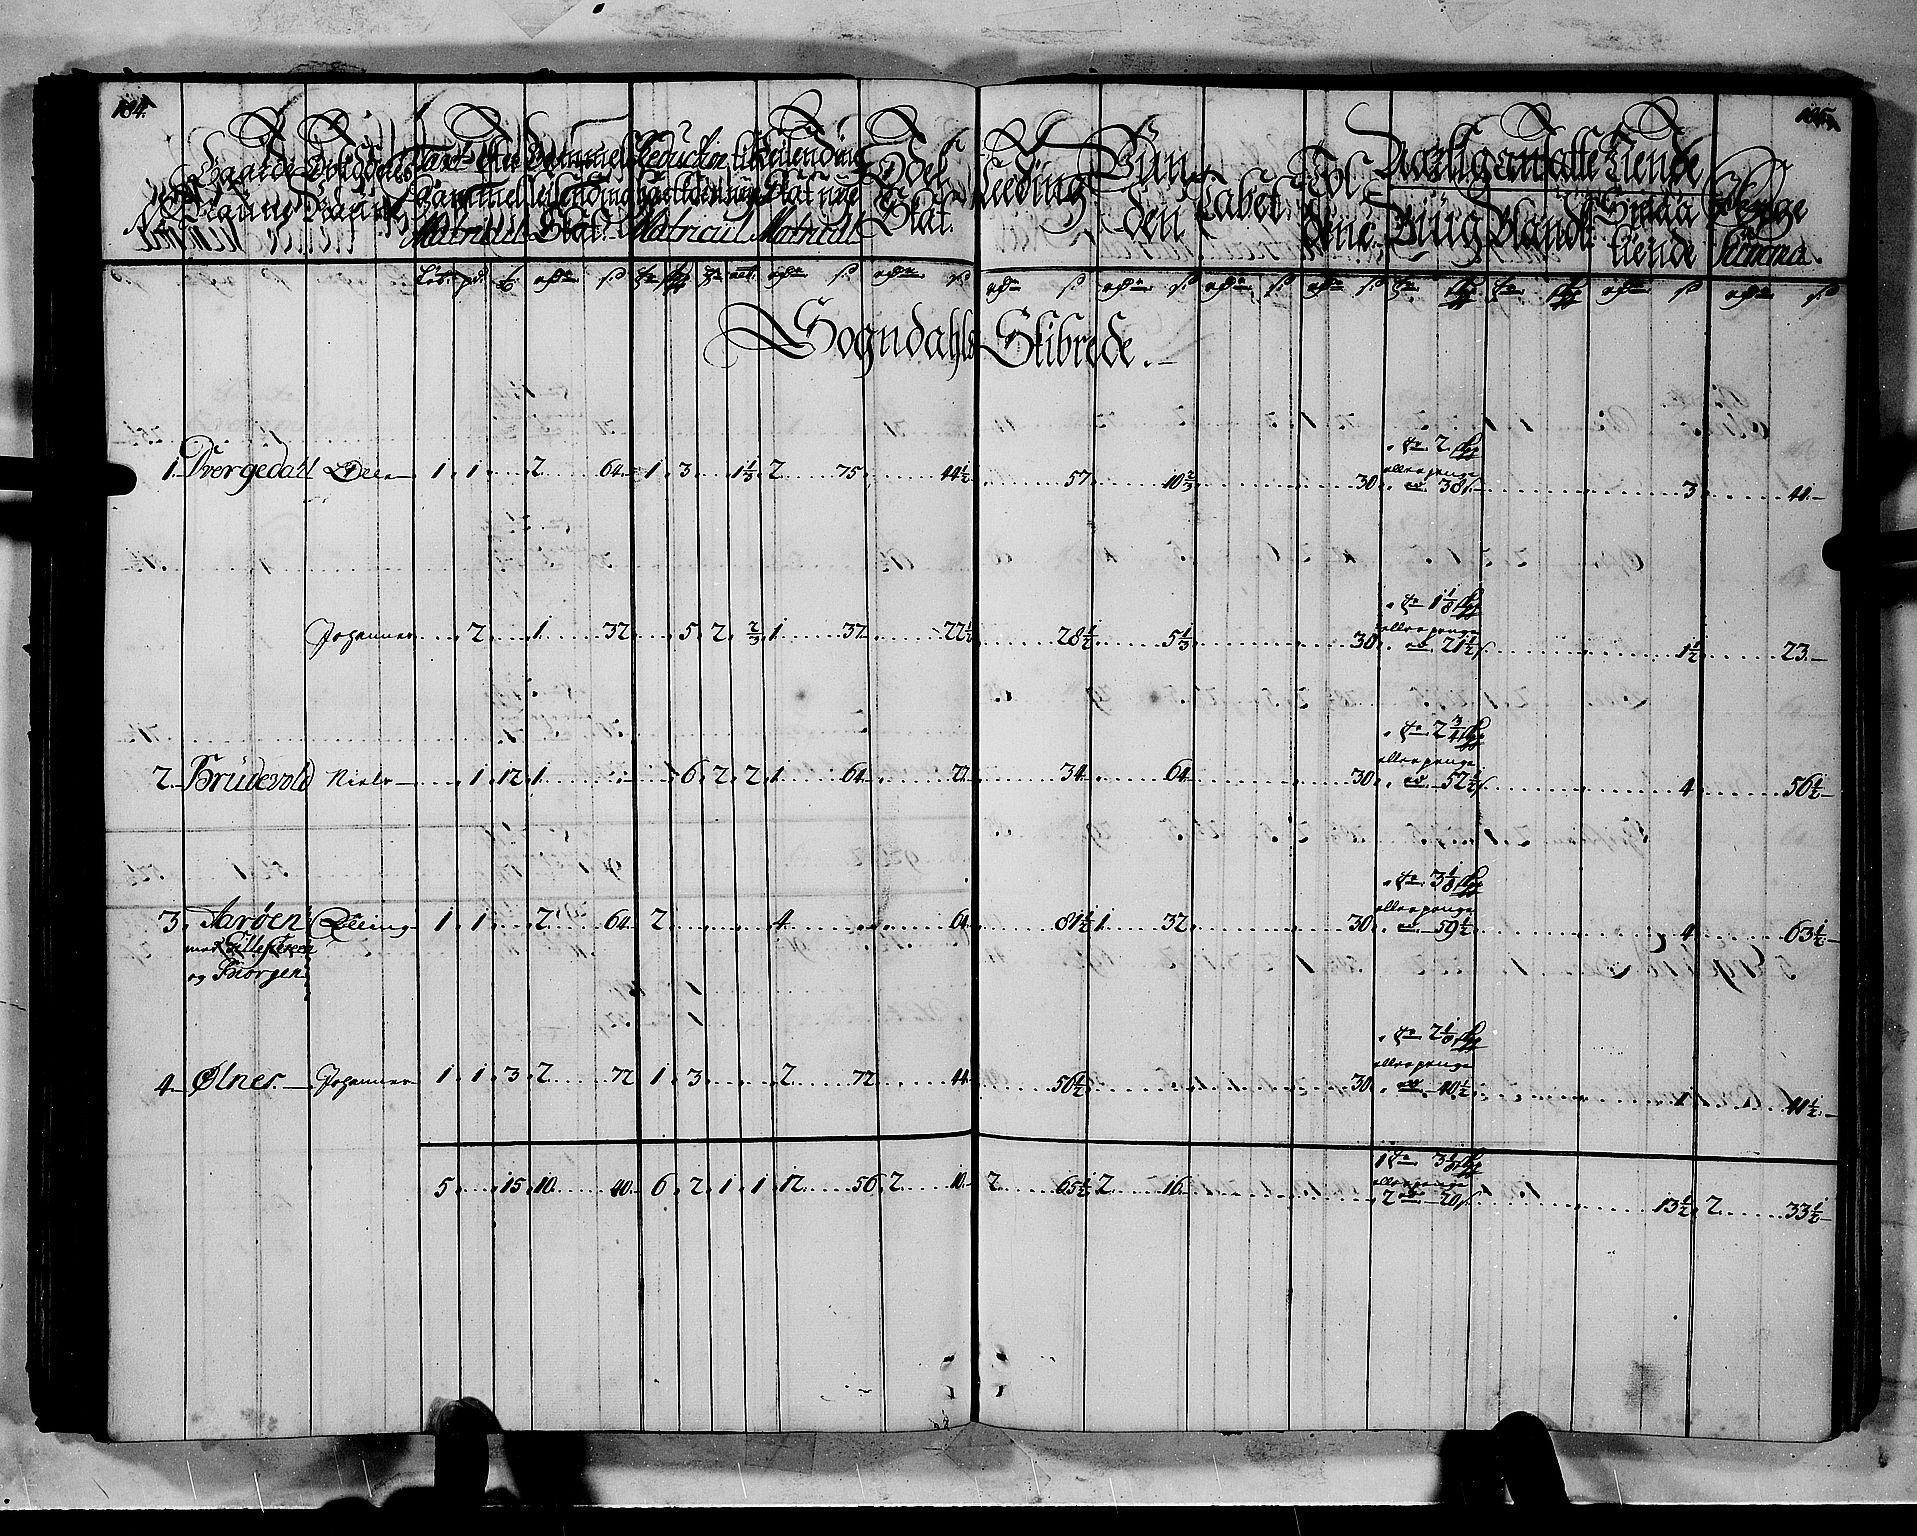 RA, Rentekammeret inntil 1814, Realistisk ordnet avdeling, N/Nb/Nbf/L0144: Indre Sogn matrikkelprotokoll, 1723, s. 184-185